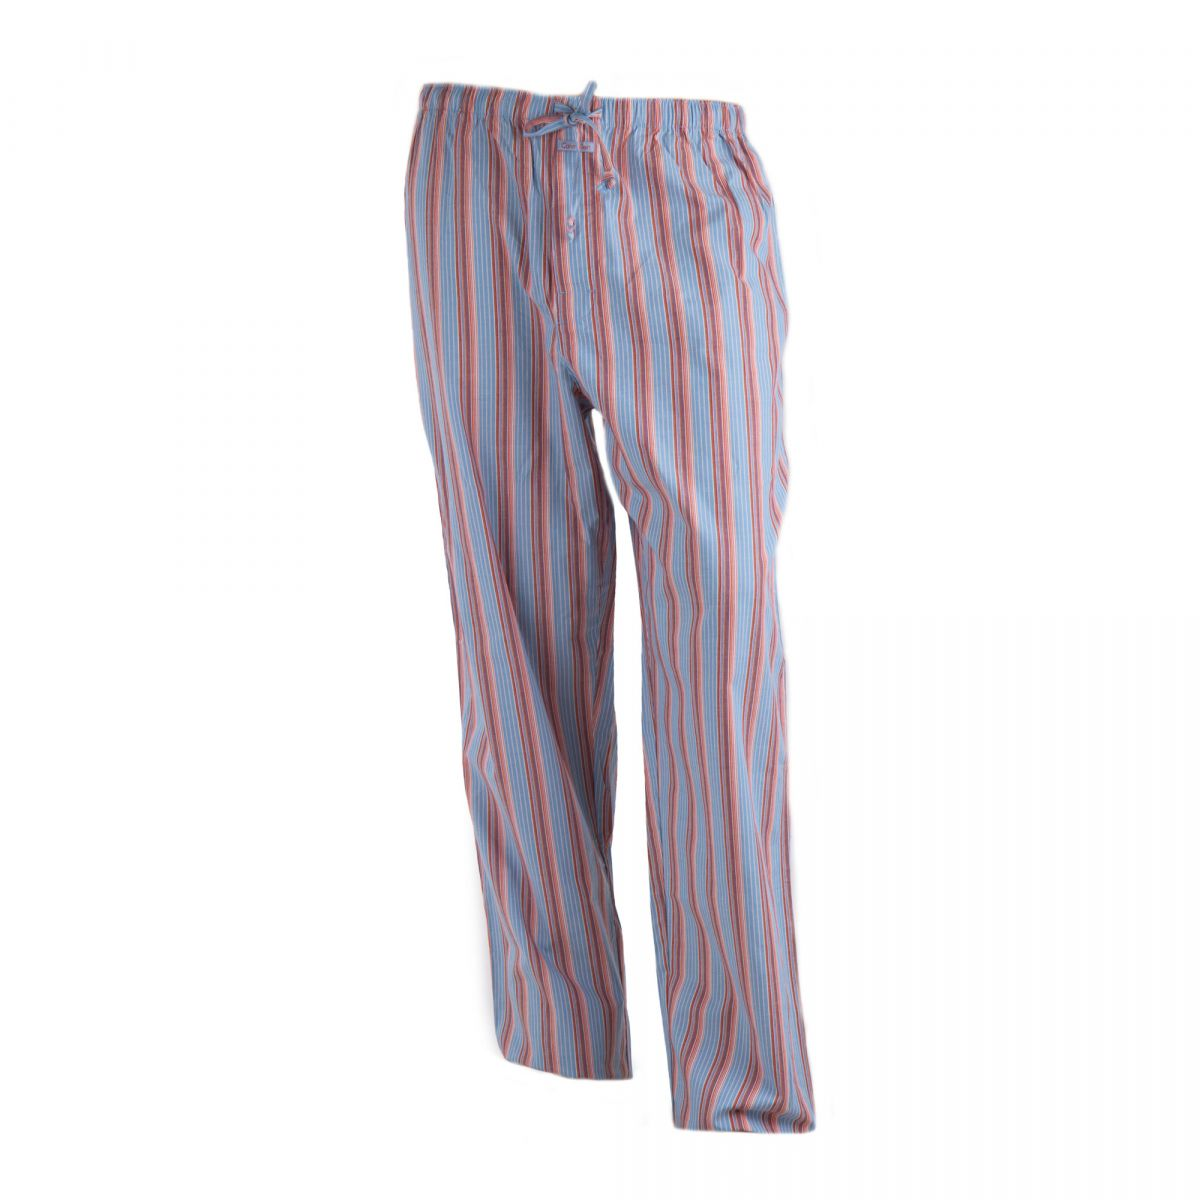 bas de pyjama pantalon homme calvin klein prix d griff. Black Bedroom Furniture Sets. Home Design Ideas